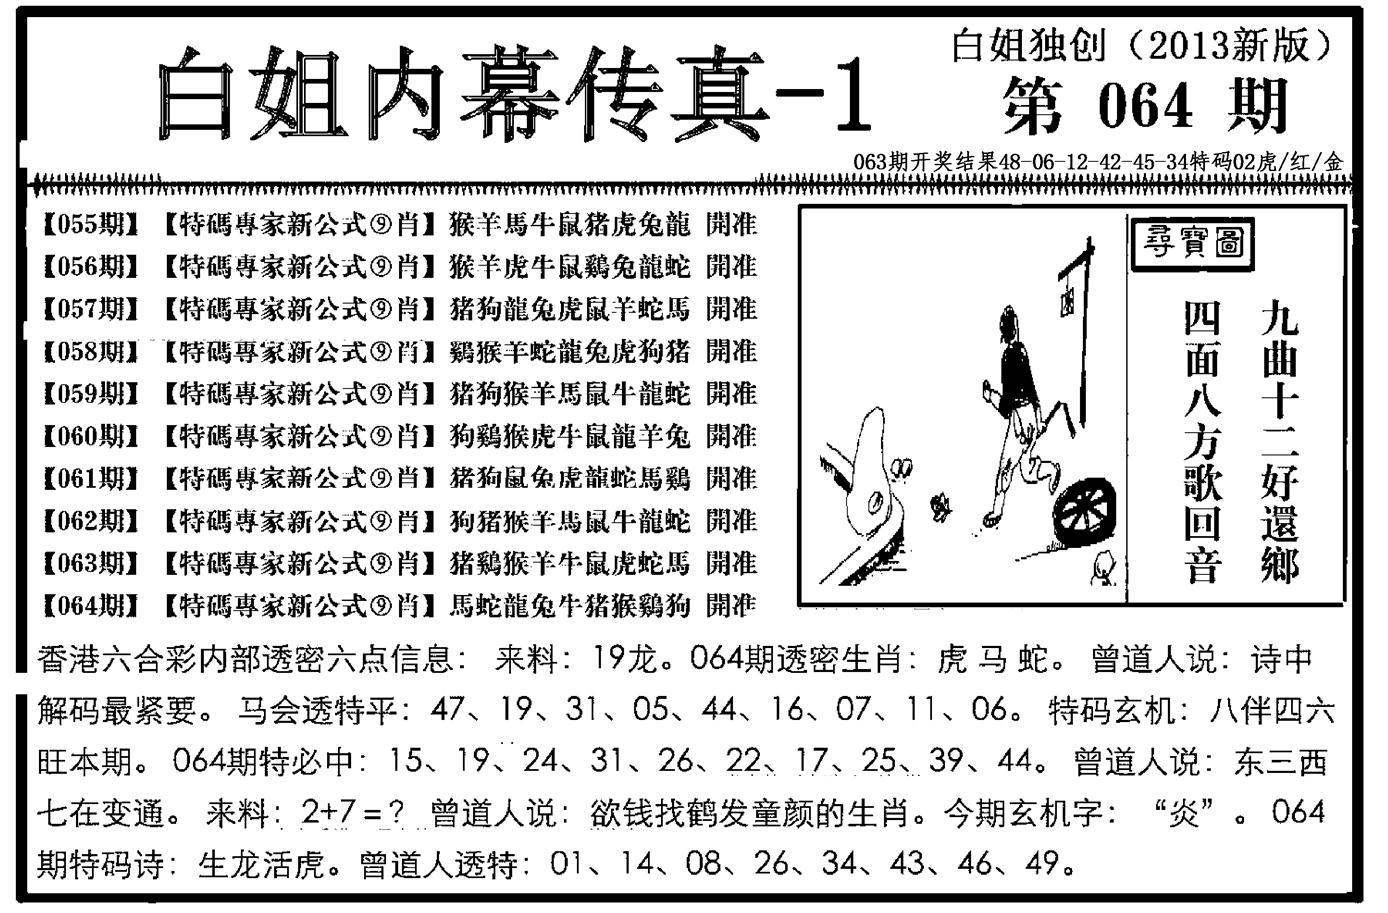 064期白姐内幕传真-1(黑白)